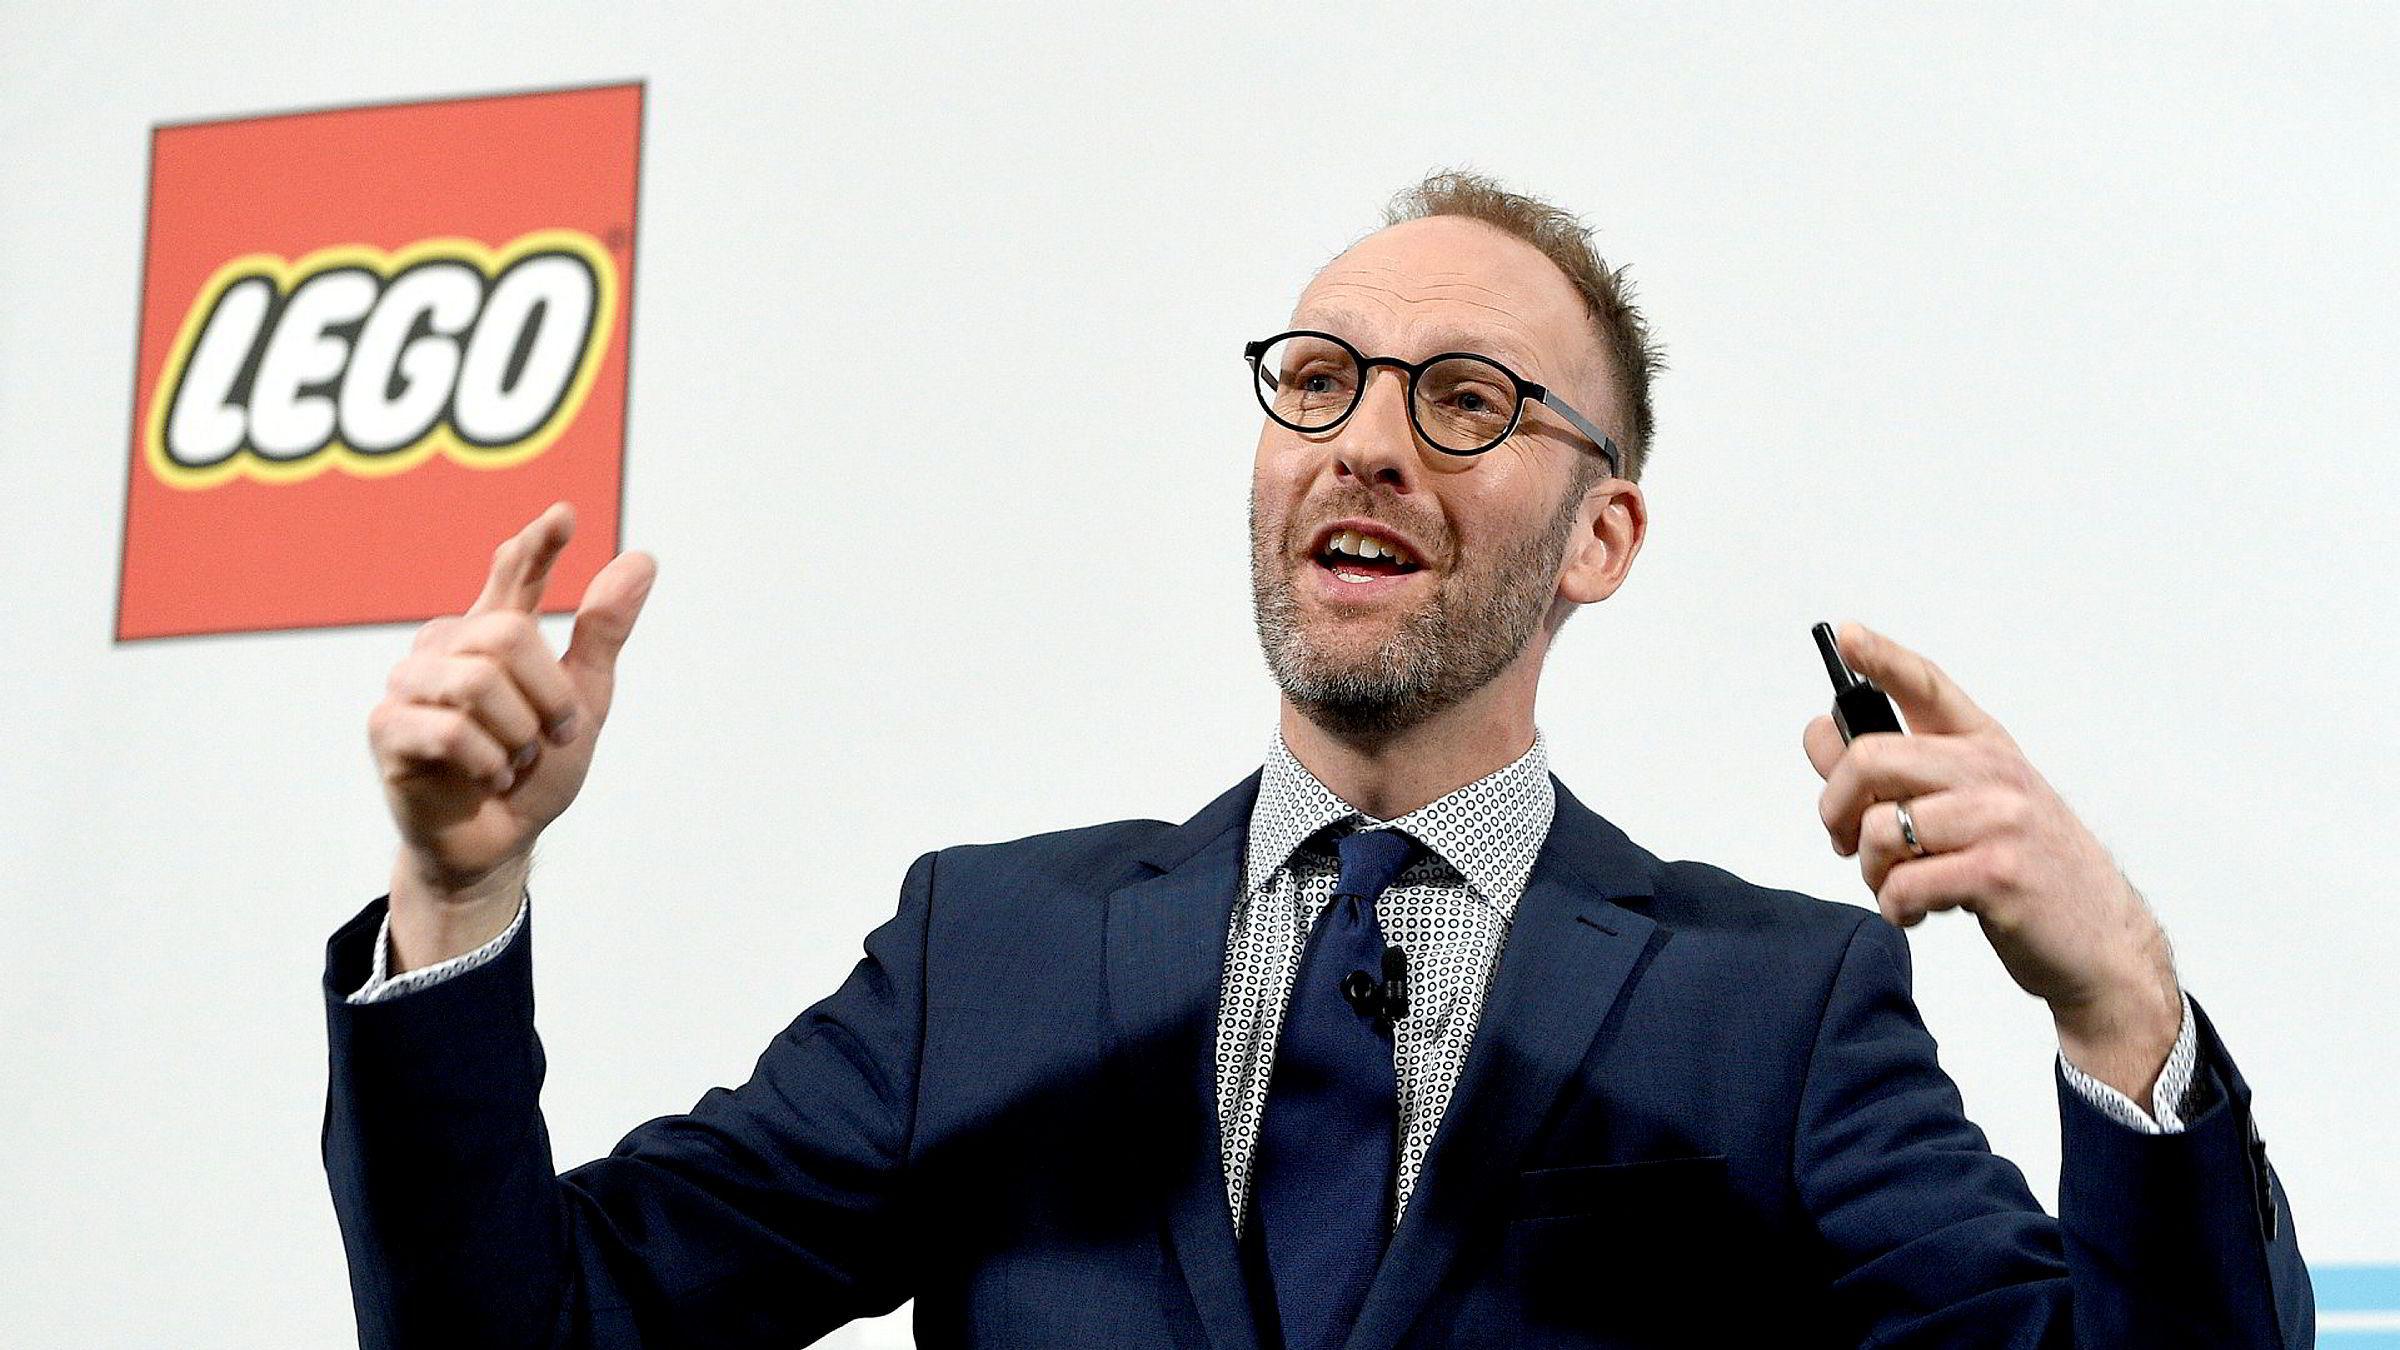 Styreleder Jørgen Vig Knudstorp i Lego.